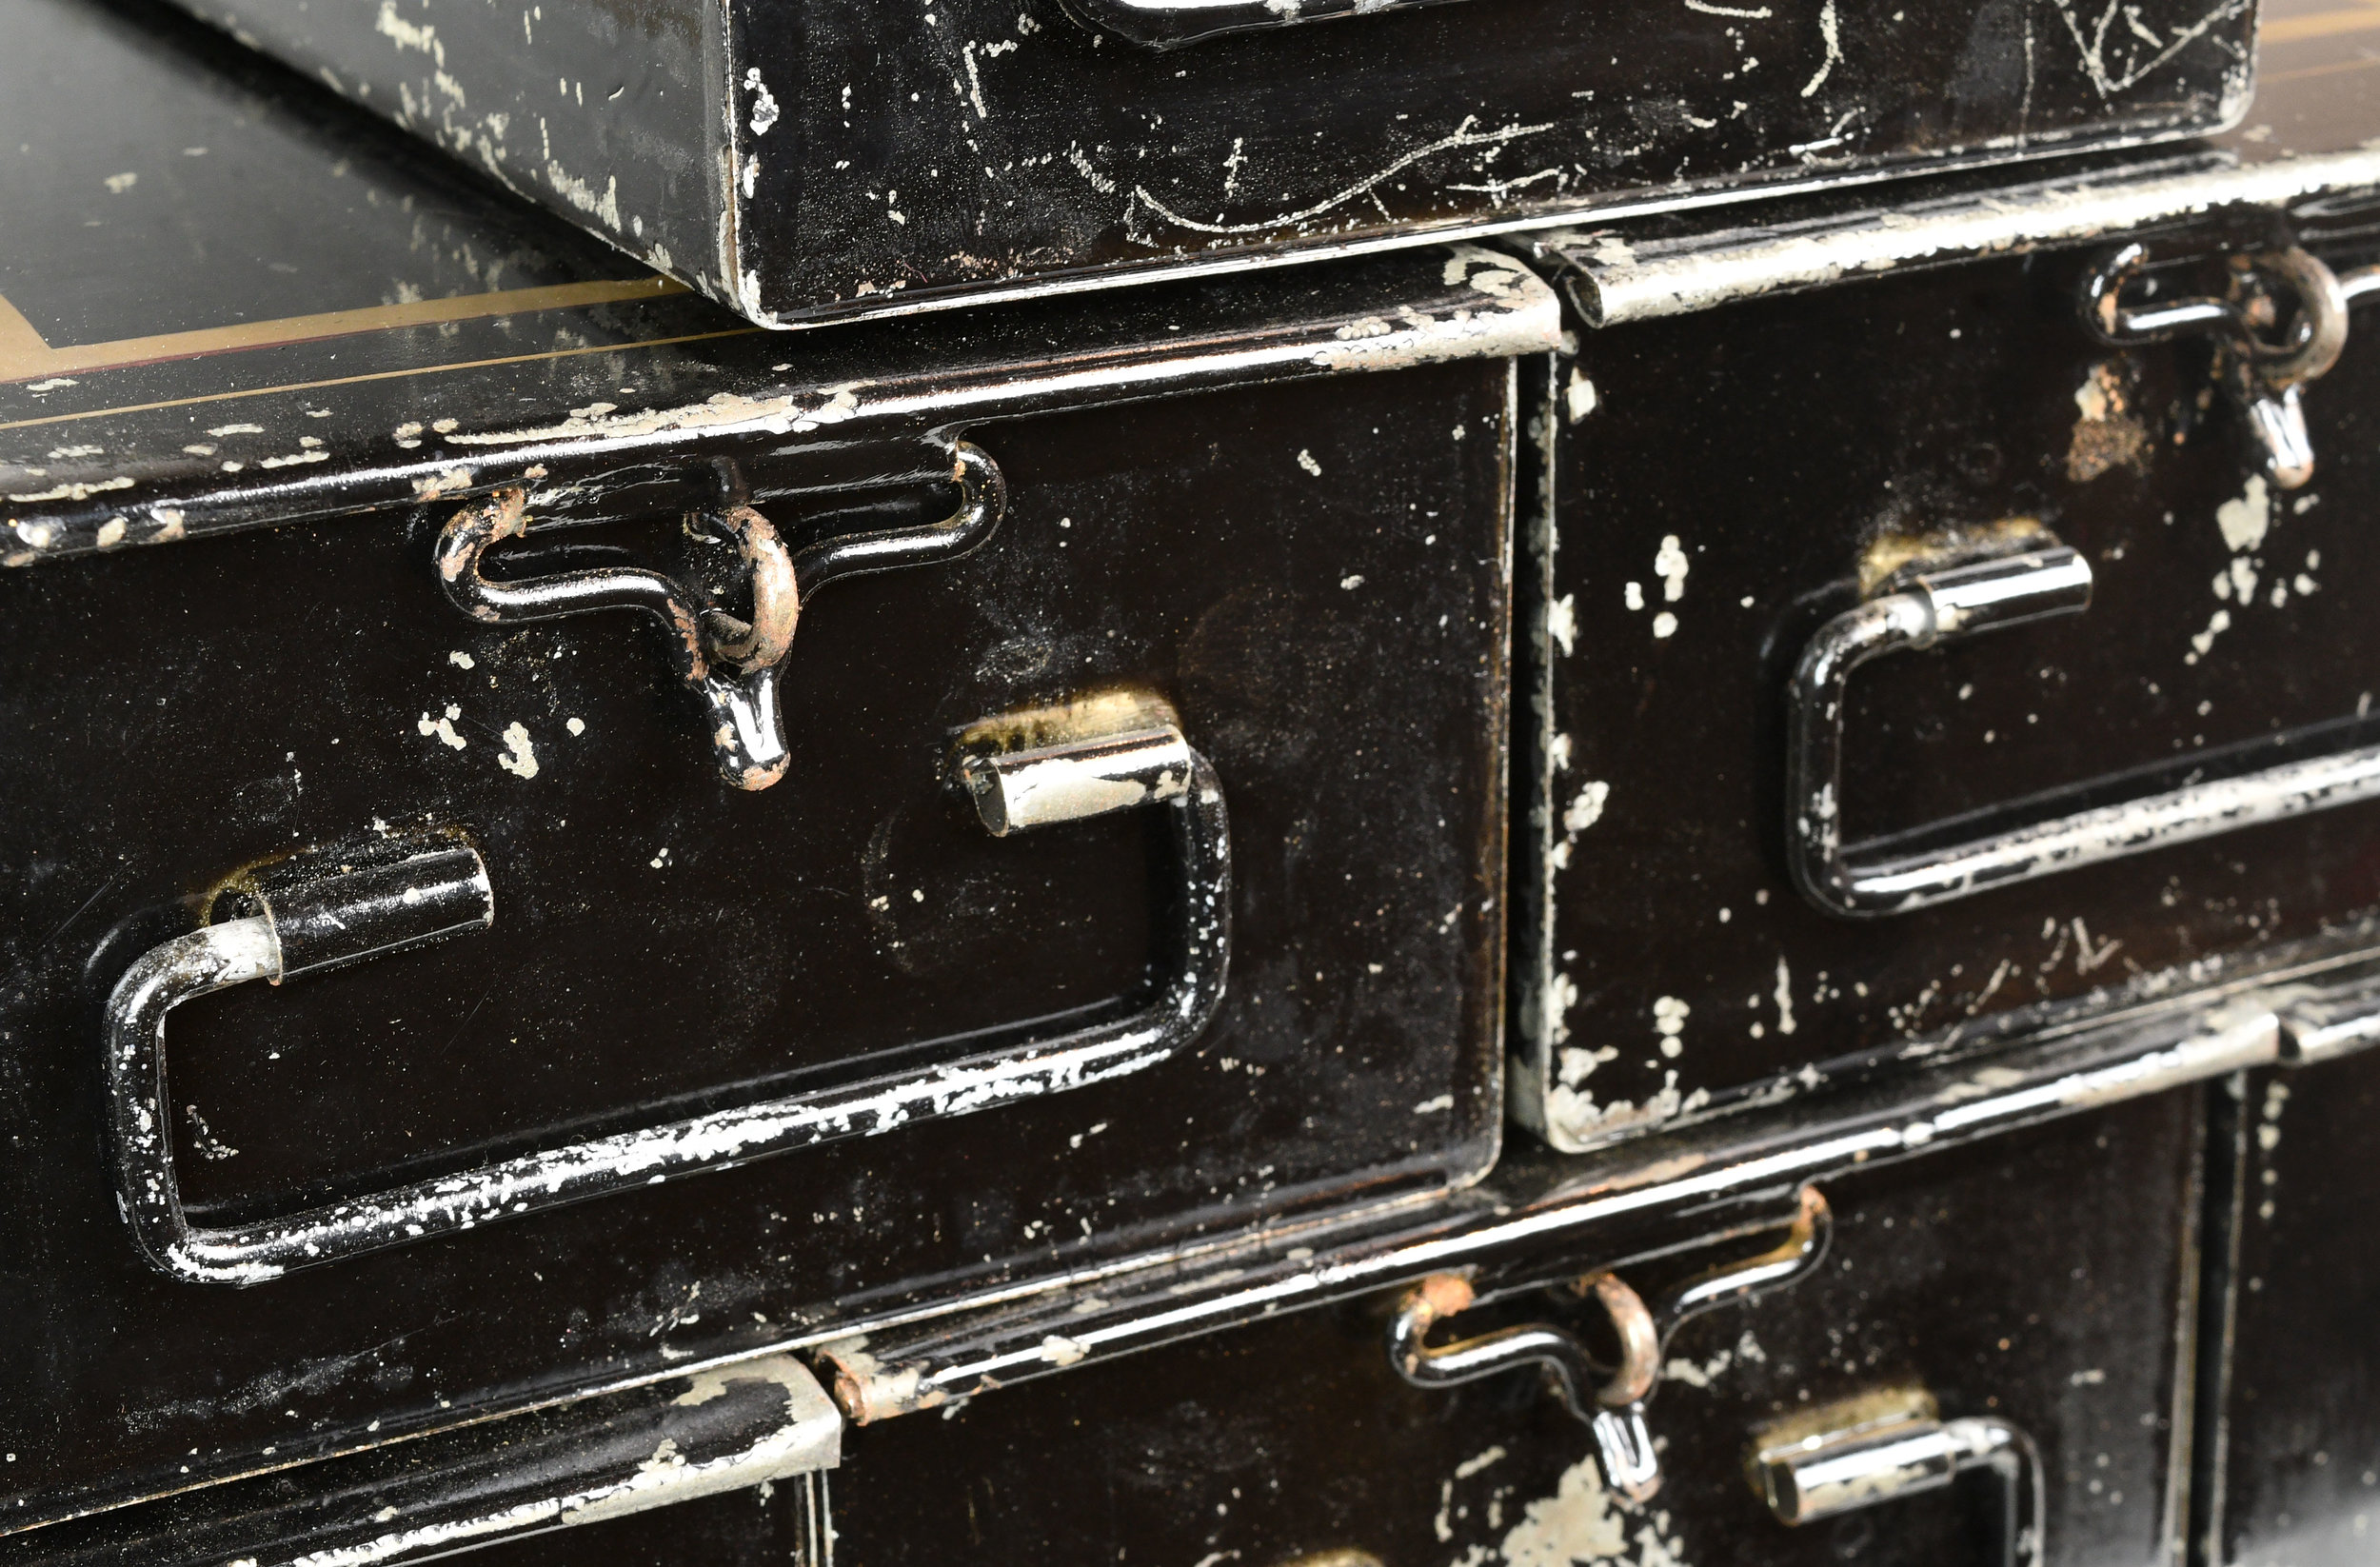 47863-safety-deposit-box-detail.jpg